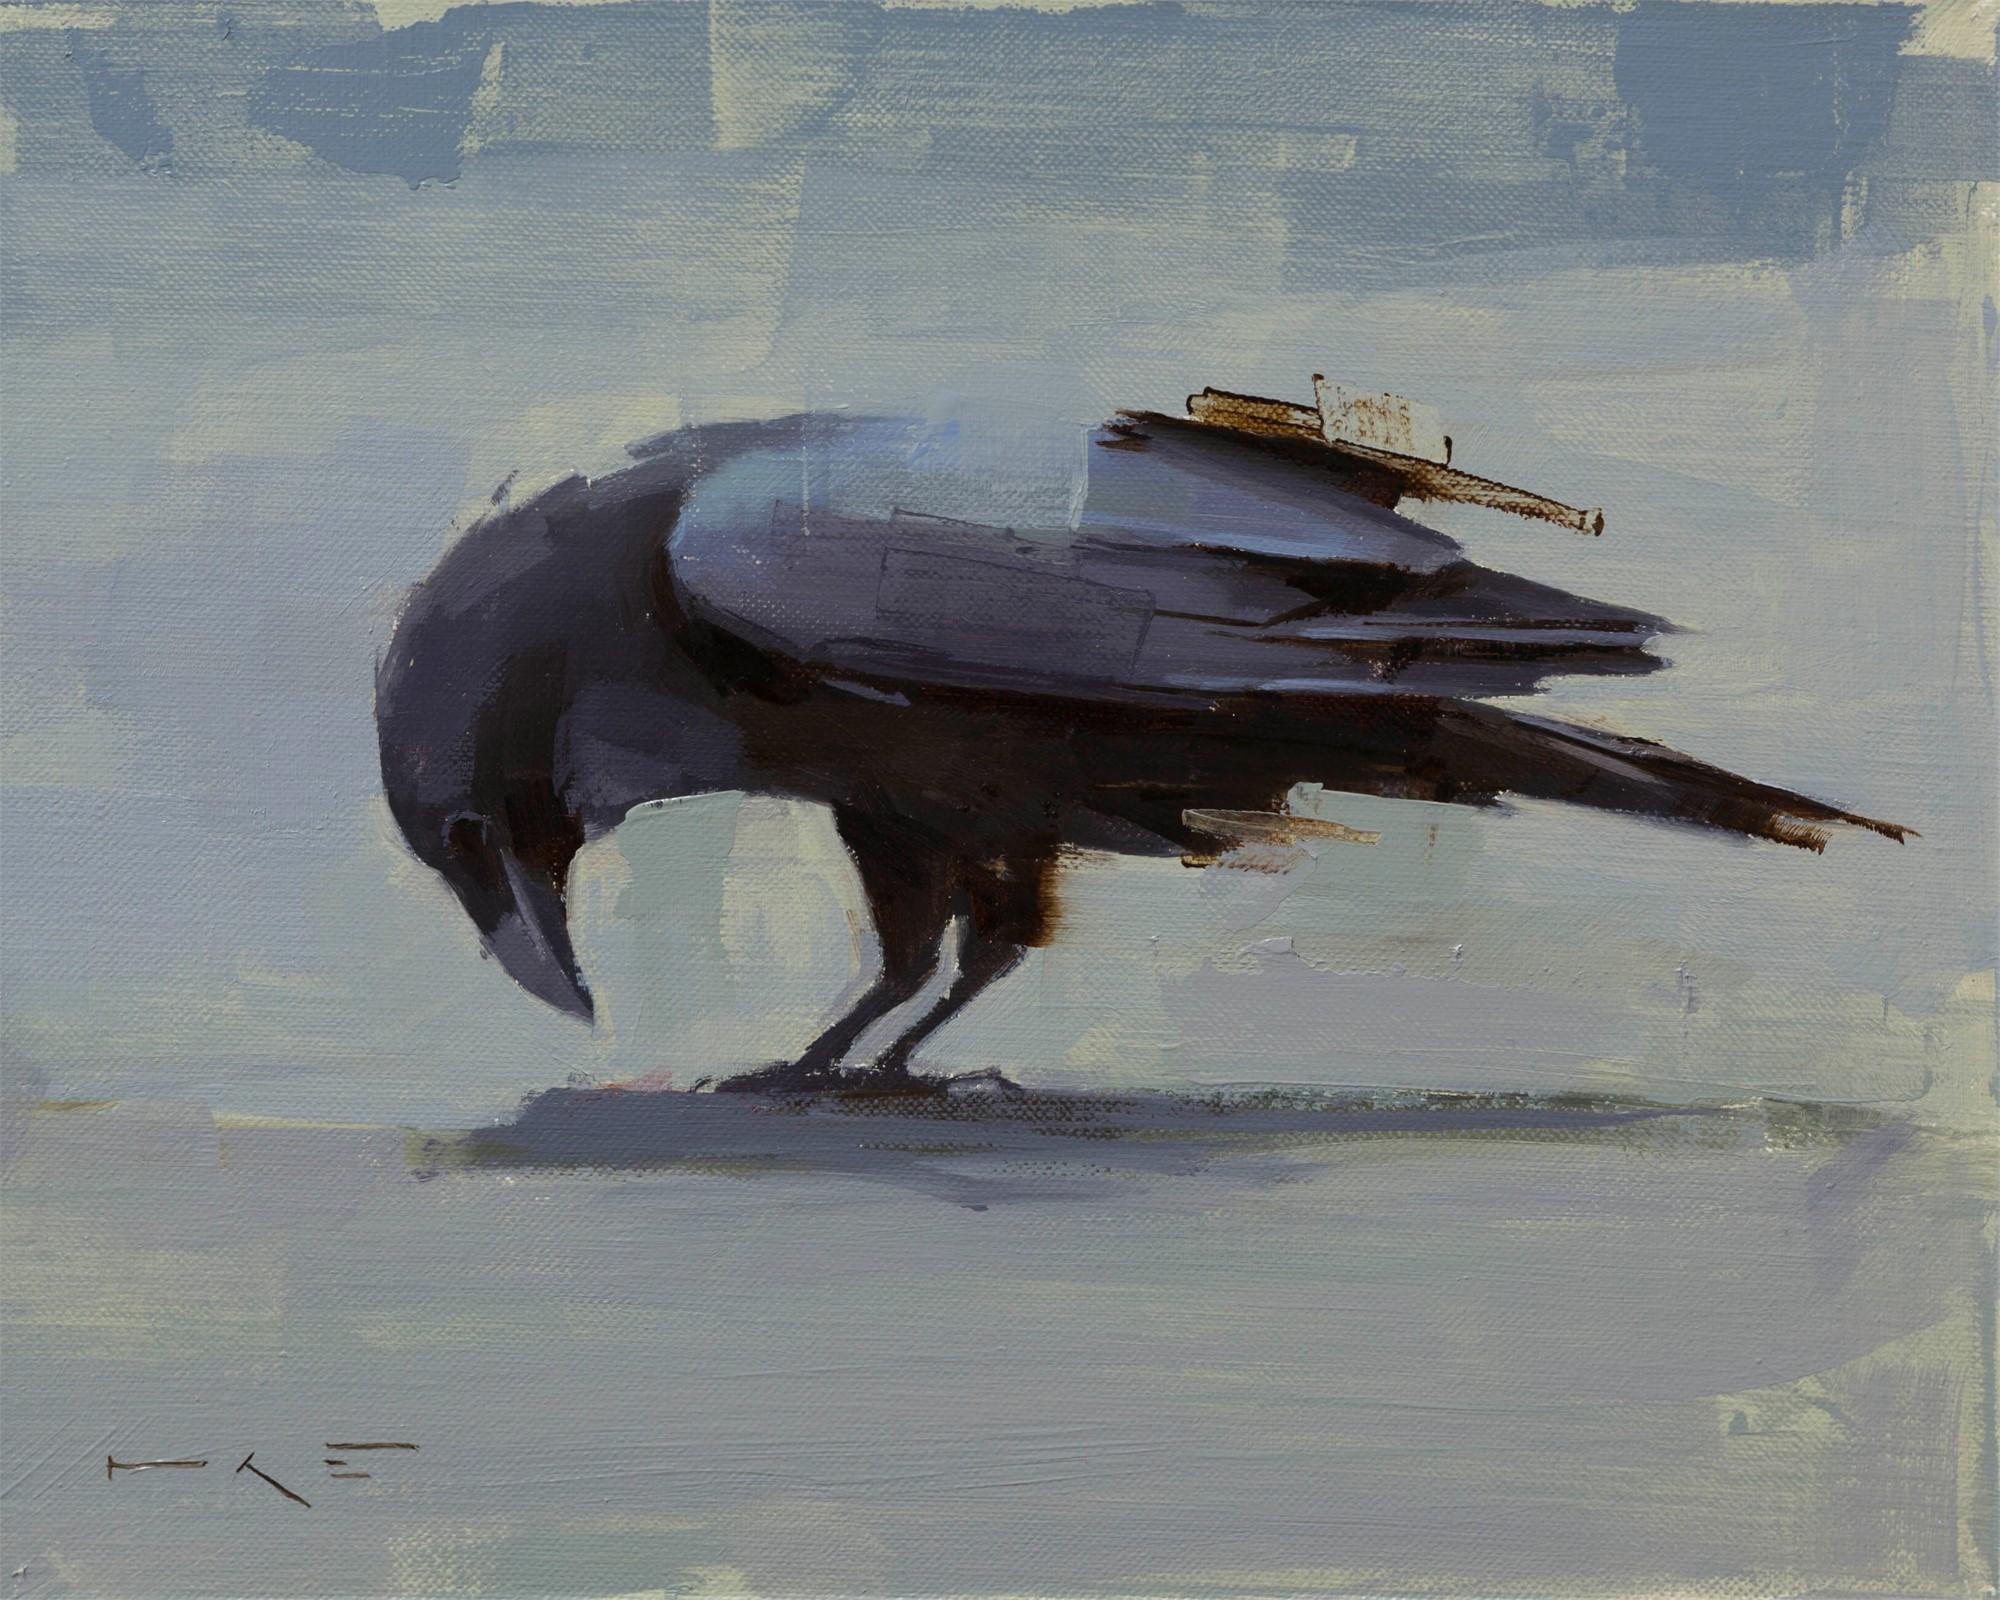 Raven II by Thorgrimur Einarsson